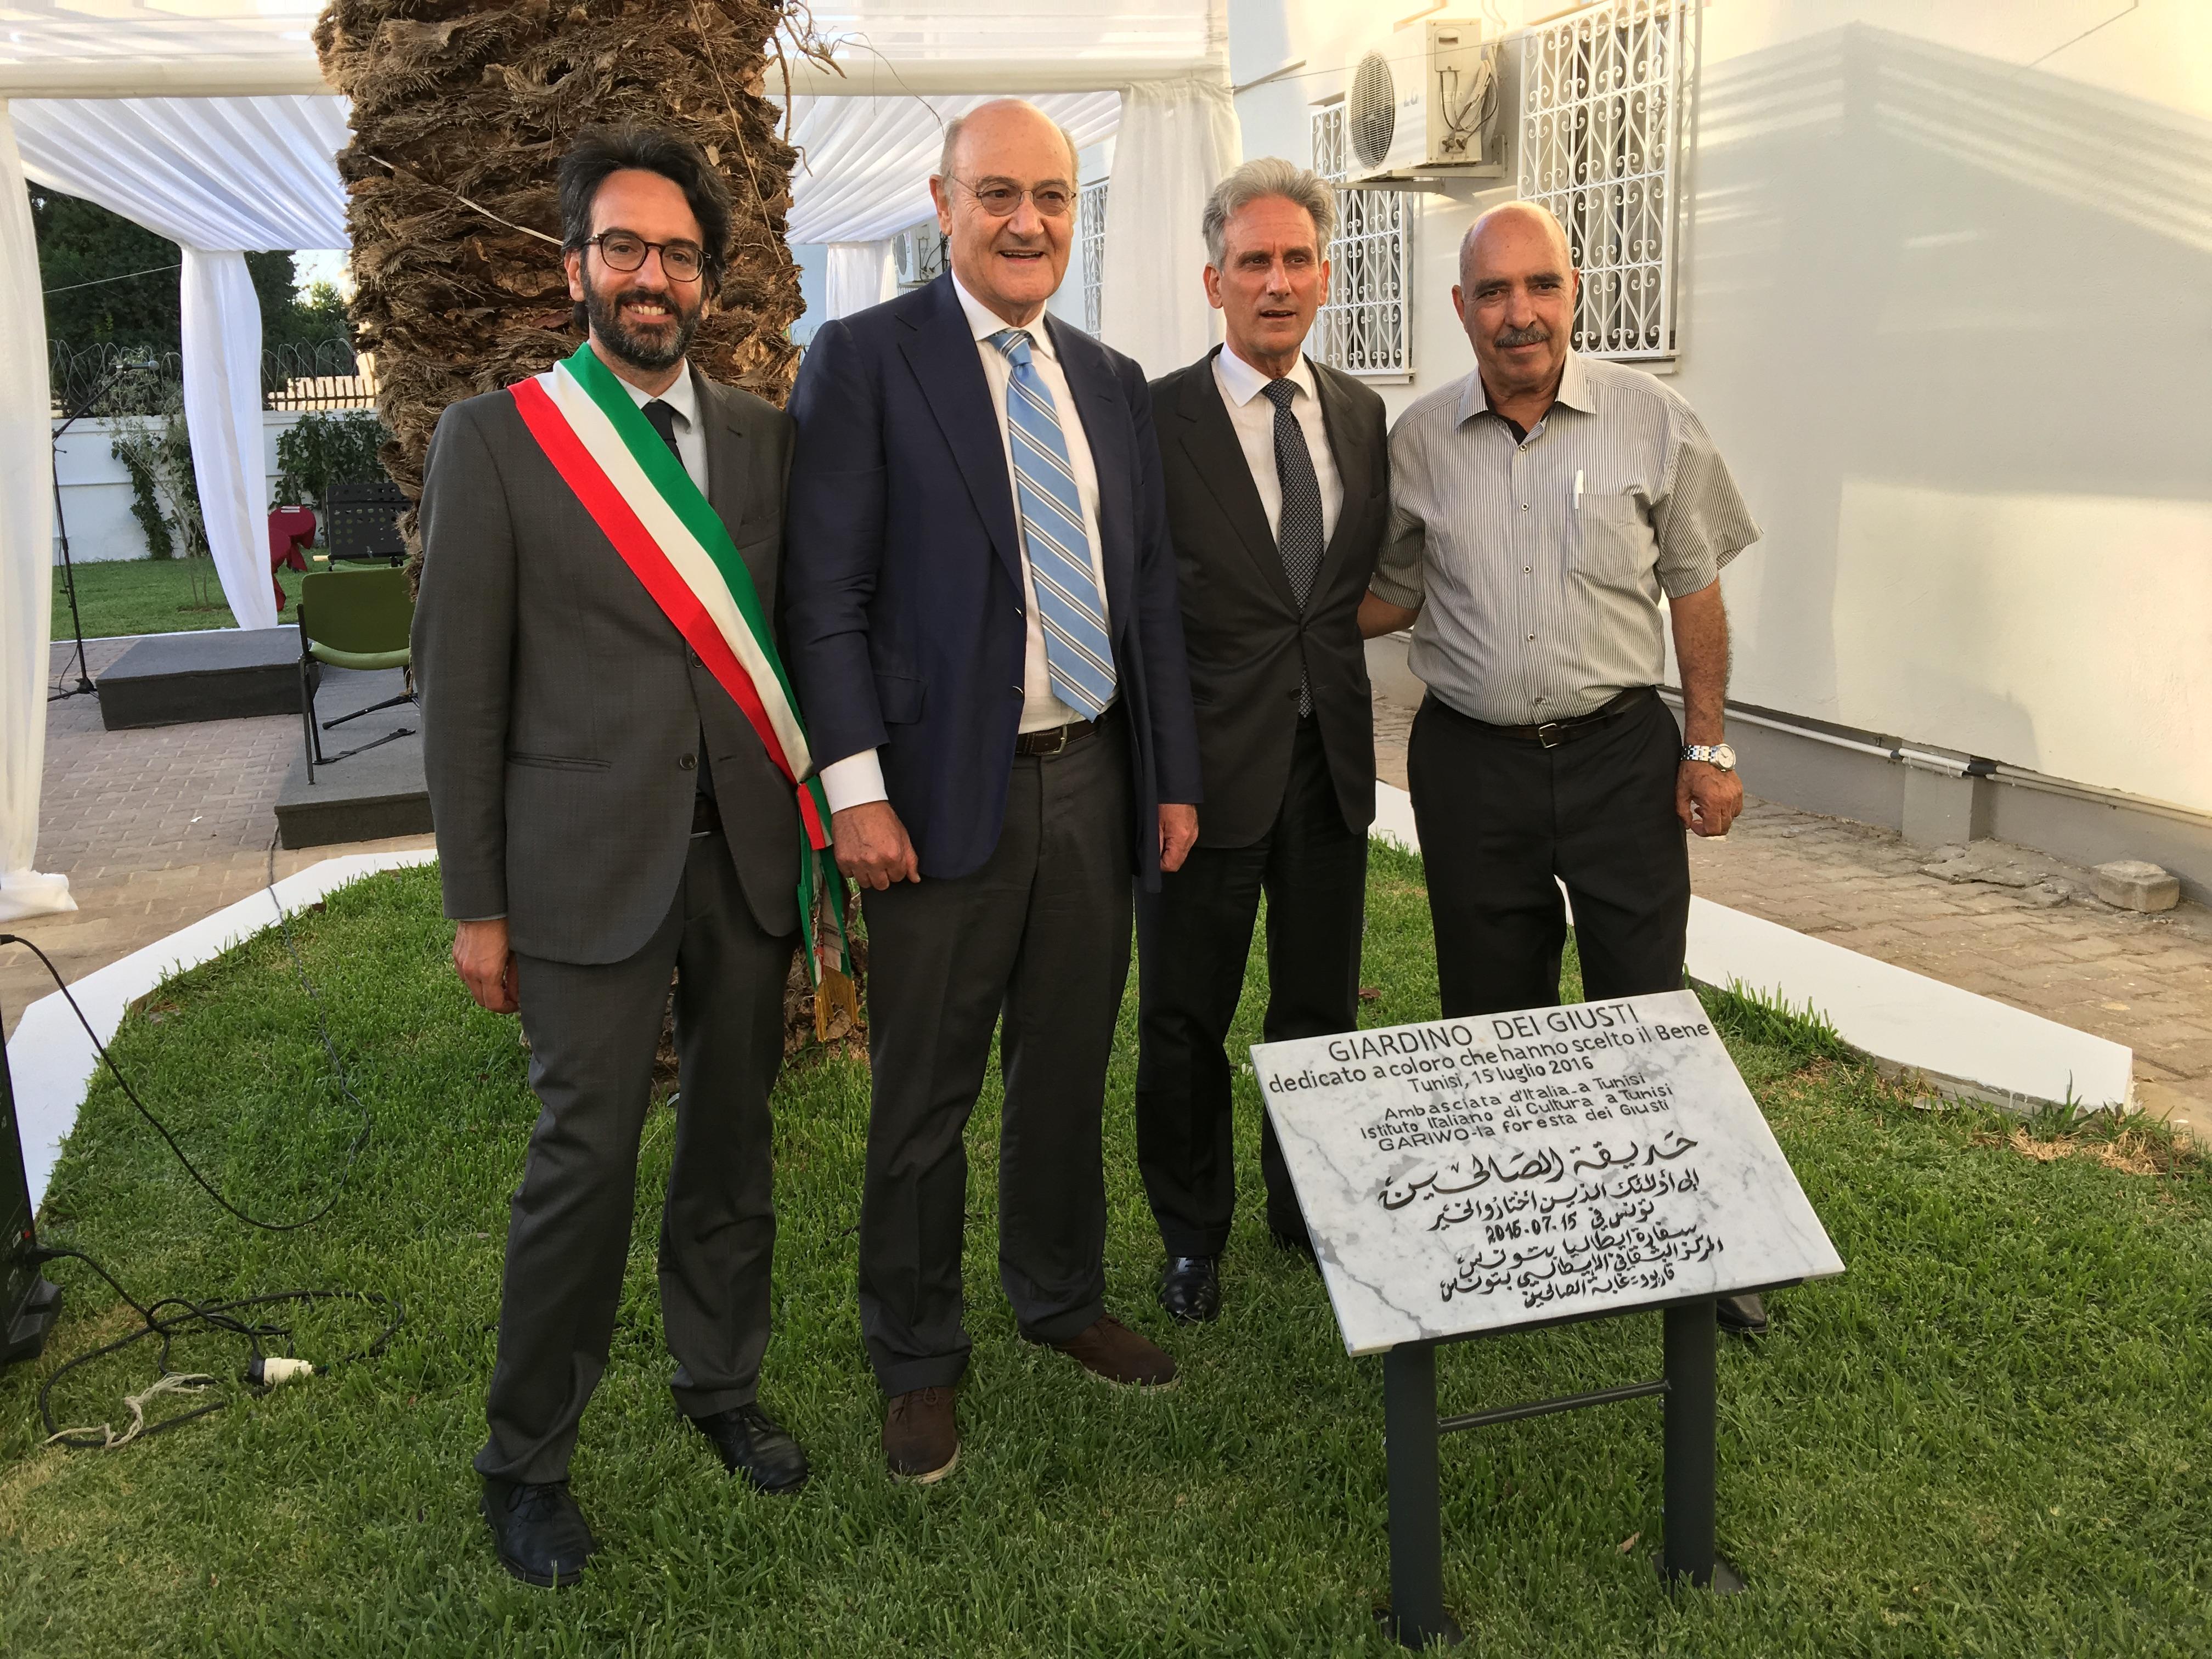 Giardini Da Incubo 2016 i giusti arabi e musulmani contro il terrorismo - nel